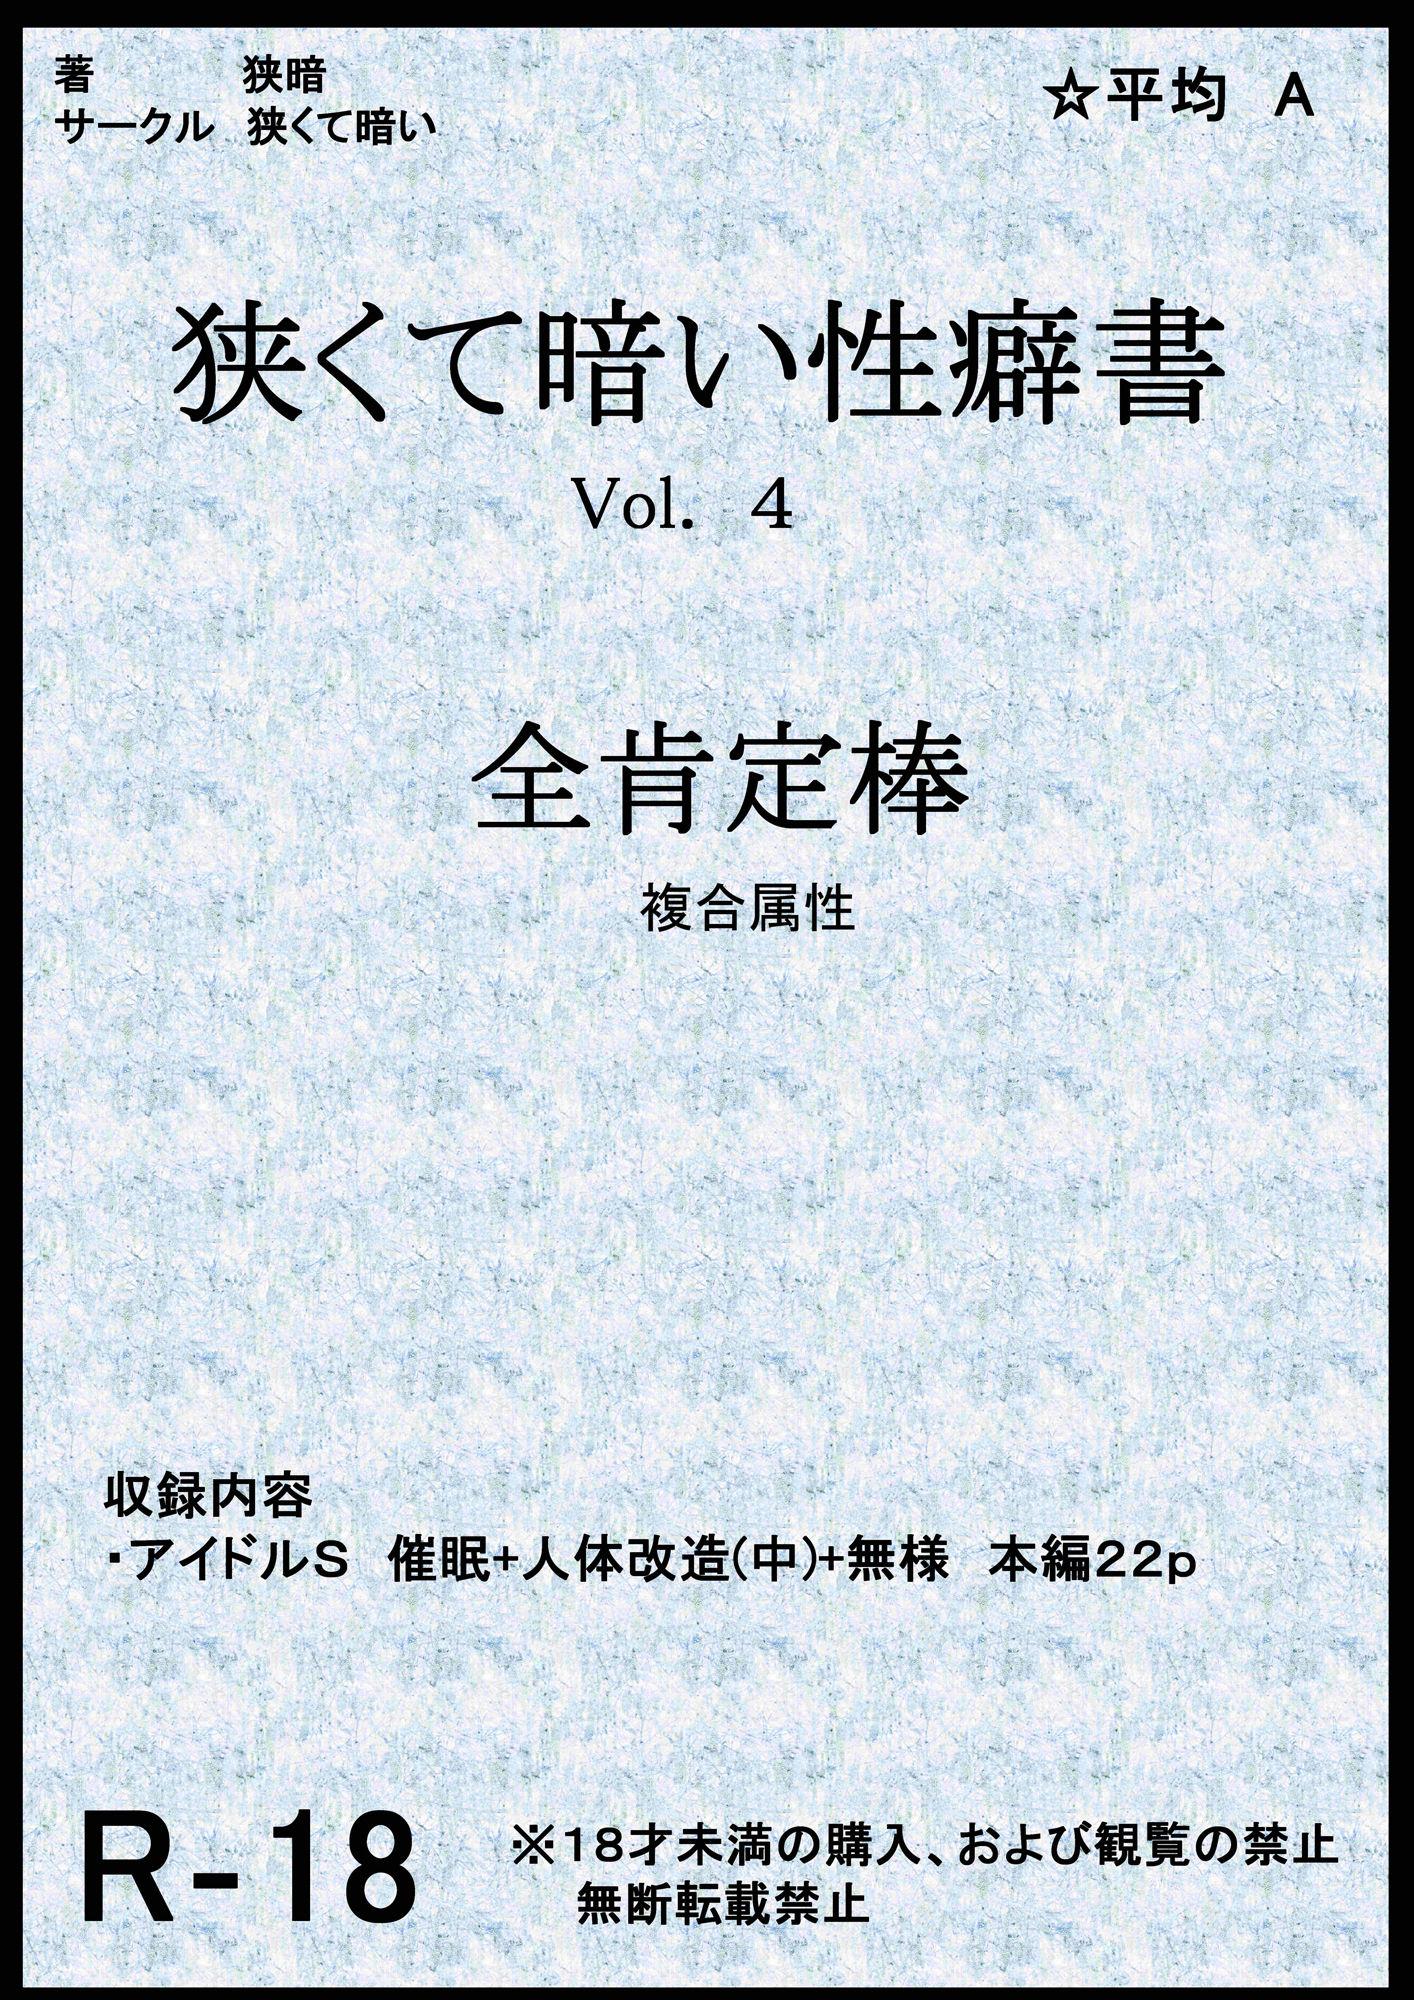 【狭くて暗い 同人】狭くて暗い性癖書Vol.4全肯定棒